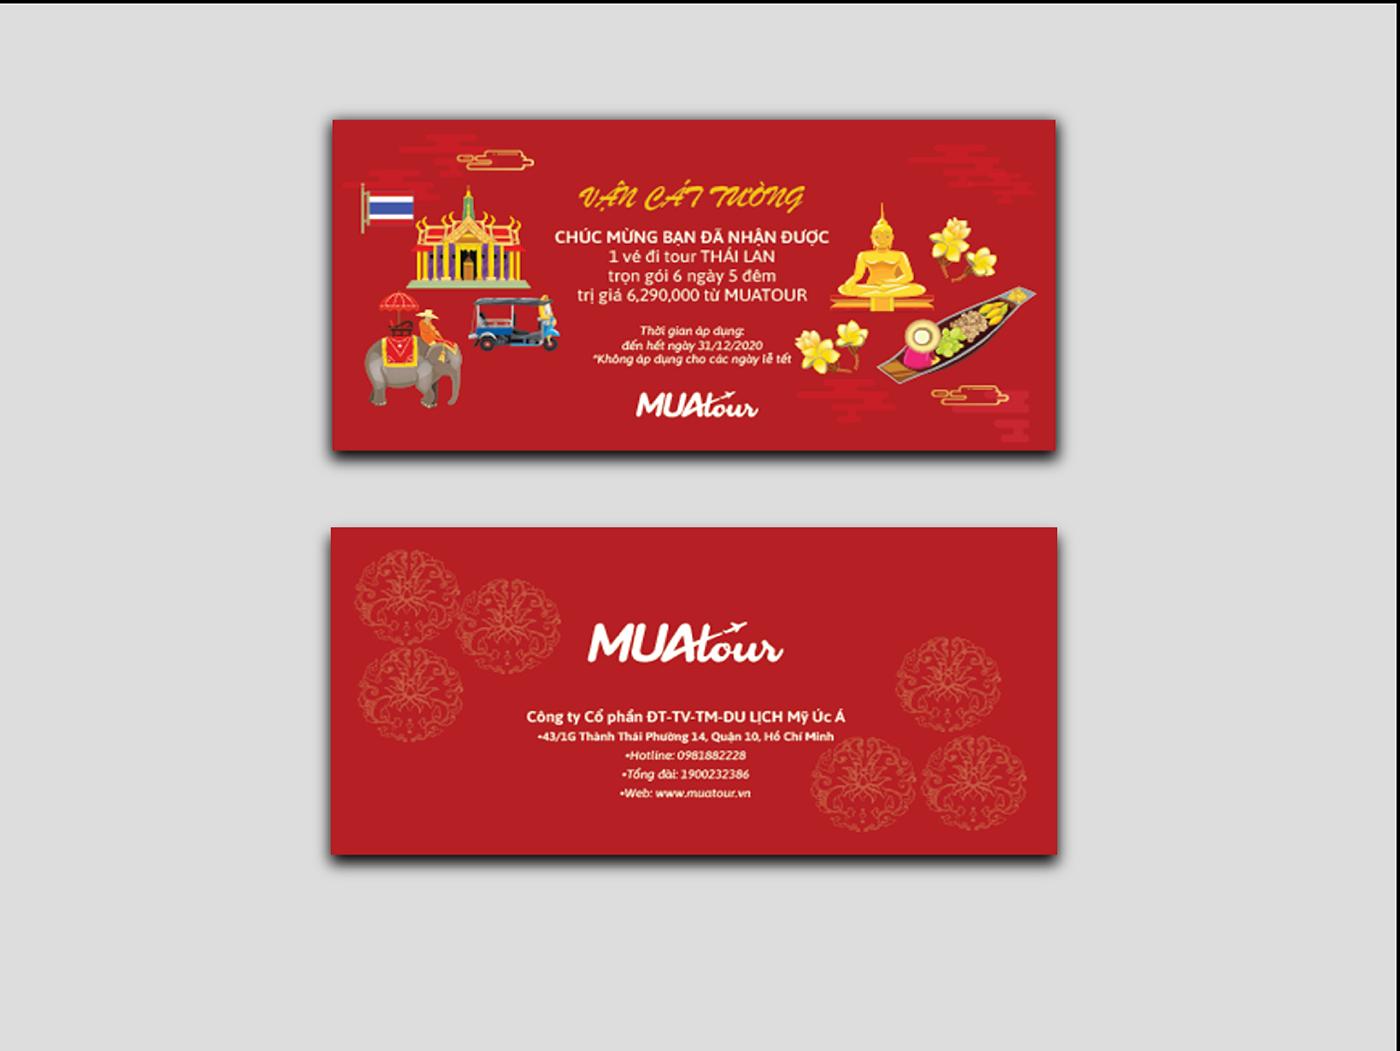 Lunar New Year voucher